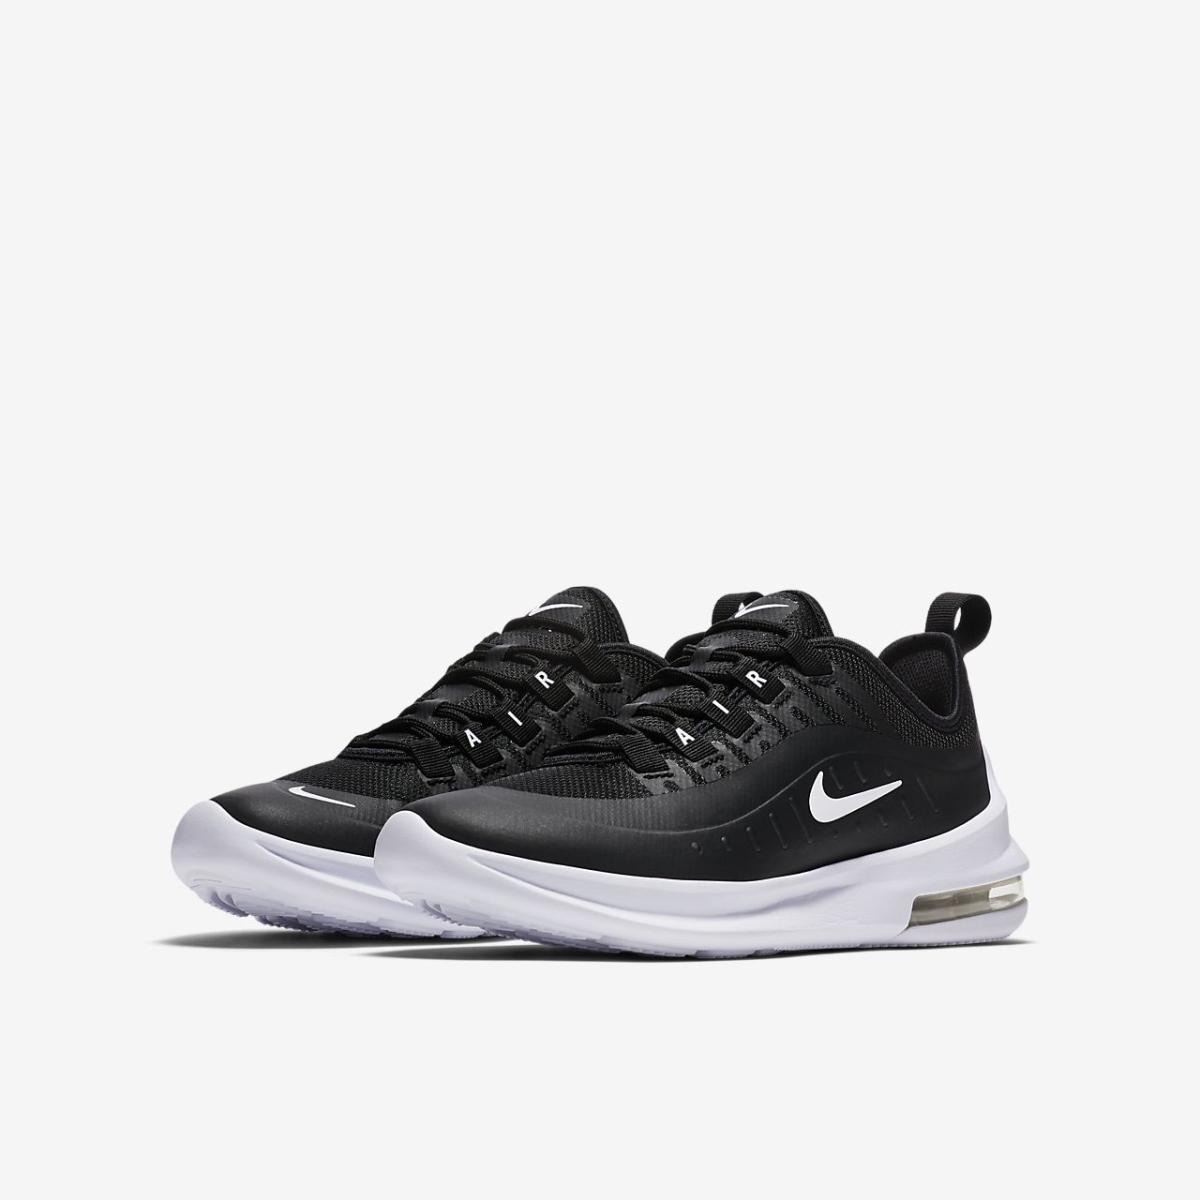 7067e9b8885 Nike Air Max Axis (gs) Junior. AH5222 001. Product afbeelding · Product  afbeelding · Product afbeelding · Product afbeelding · Product afbeelding